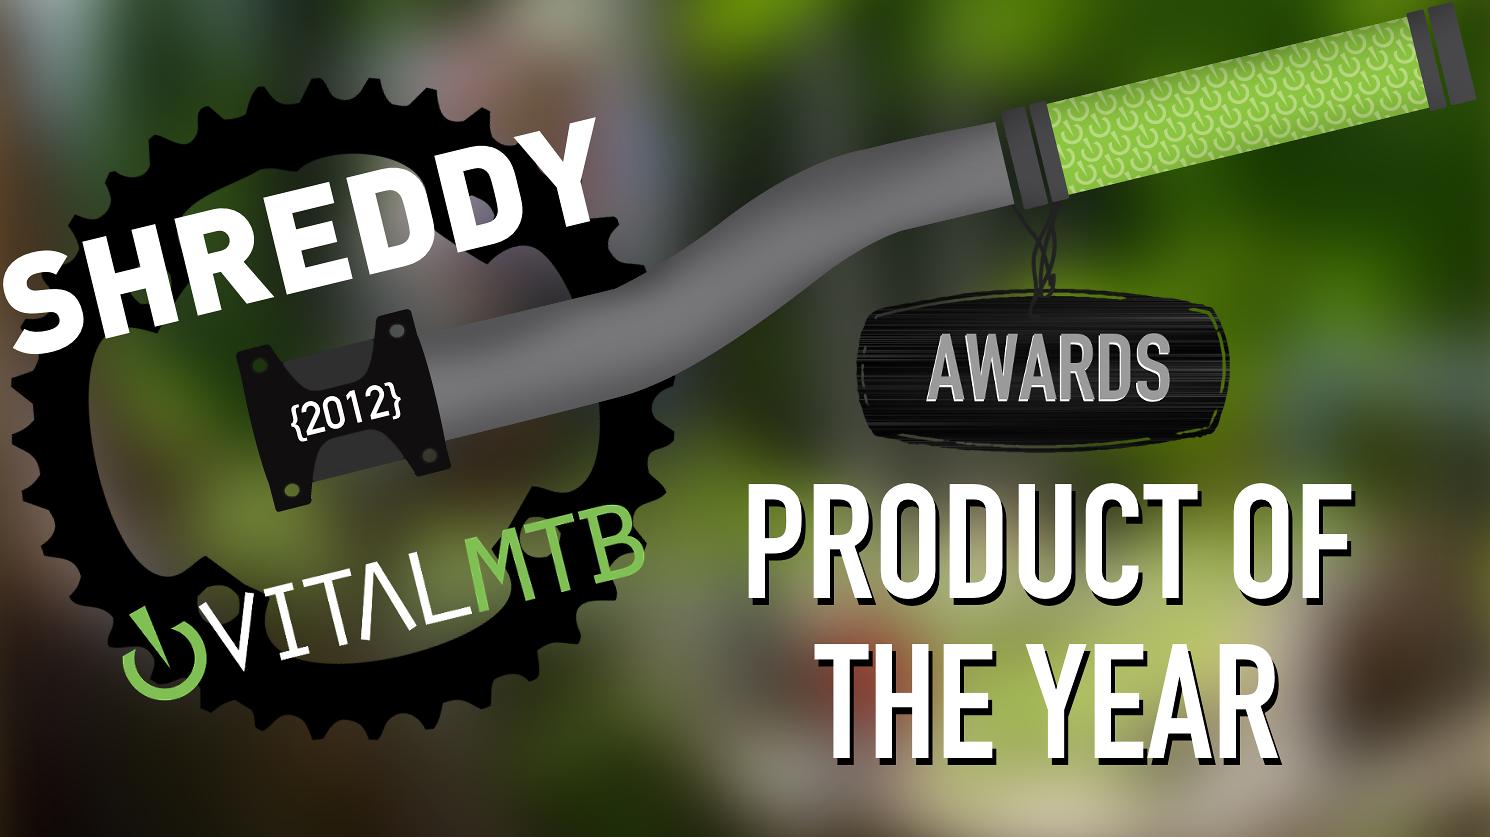 2012 MTB Product of the Year, Vital MTB Shreddy Award